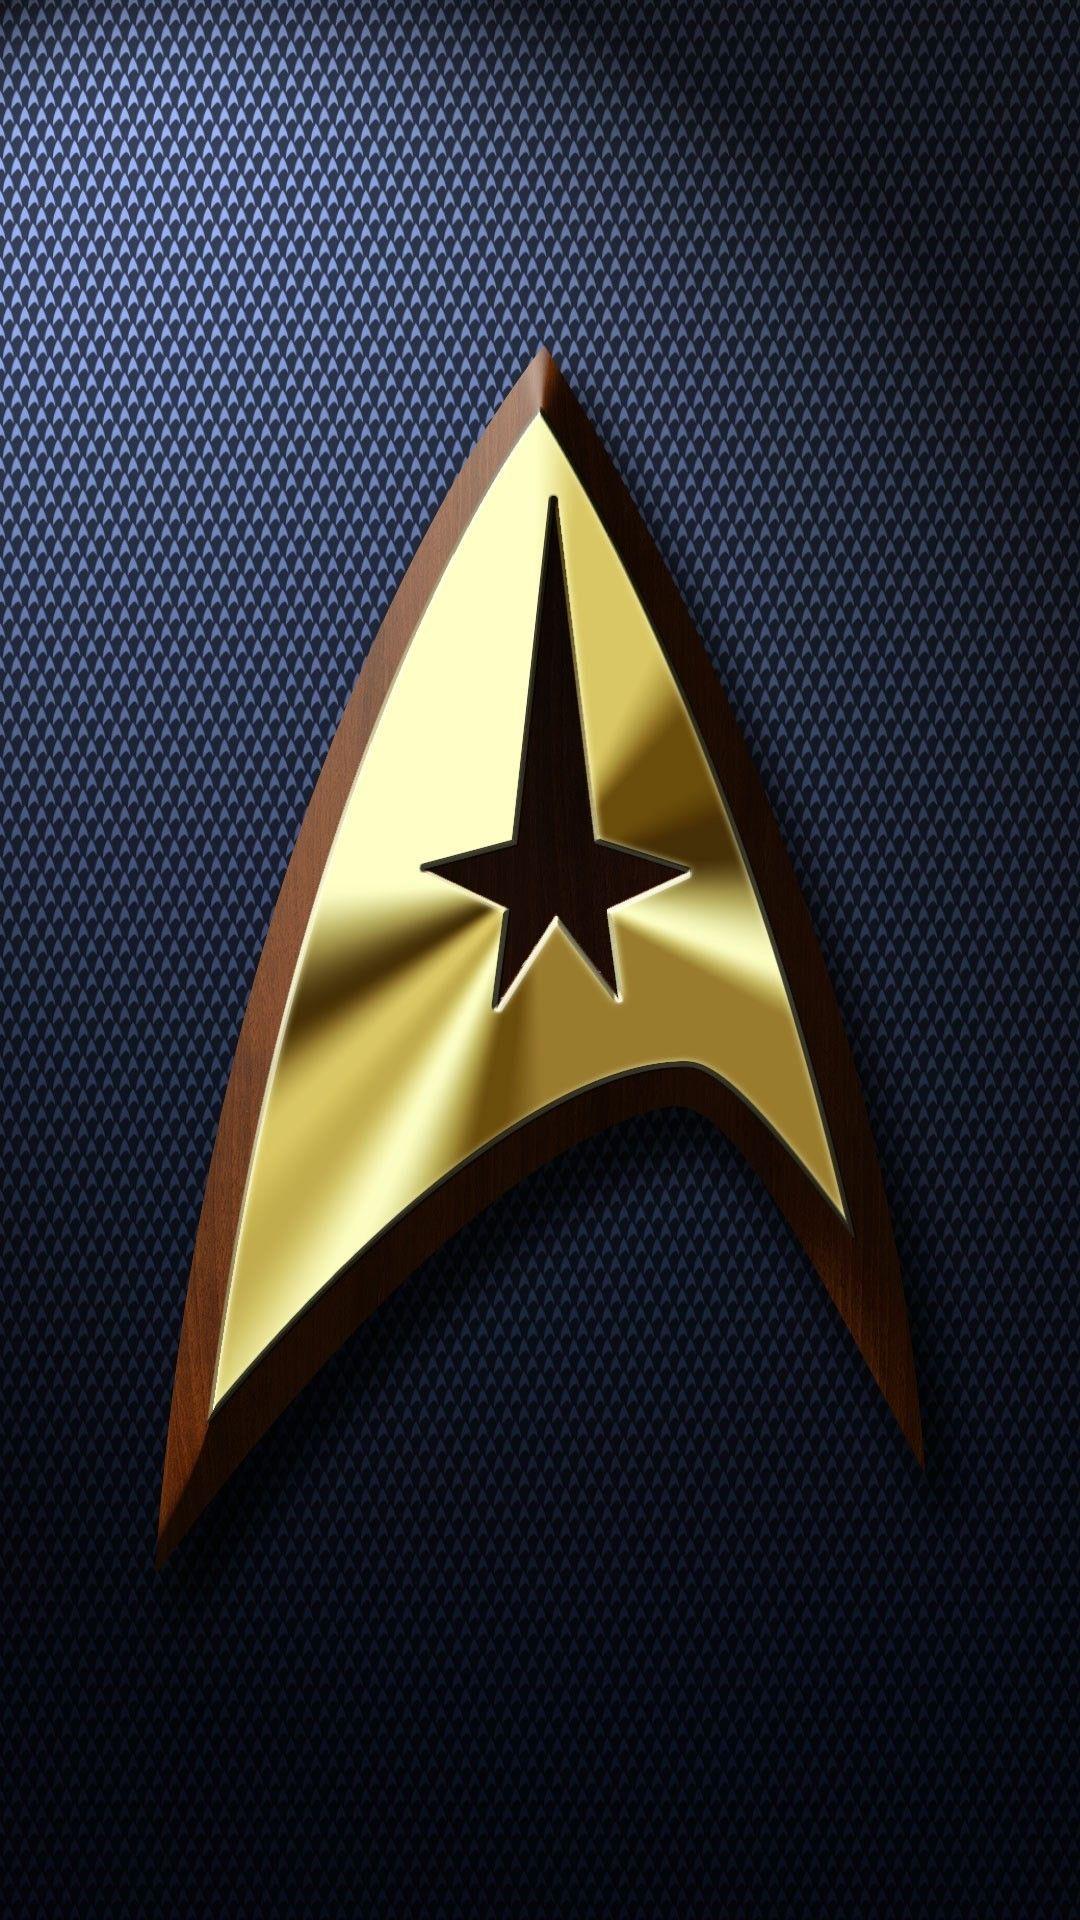 45 Star Trek Phone Wallpapers Download At Wallpaperbro Star Trek Wallpaper Star Trek Starships Star Trek Art